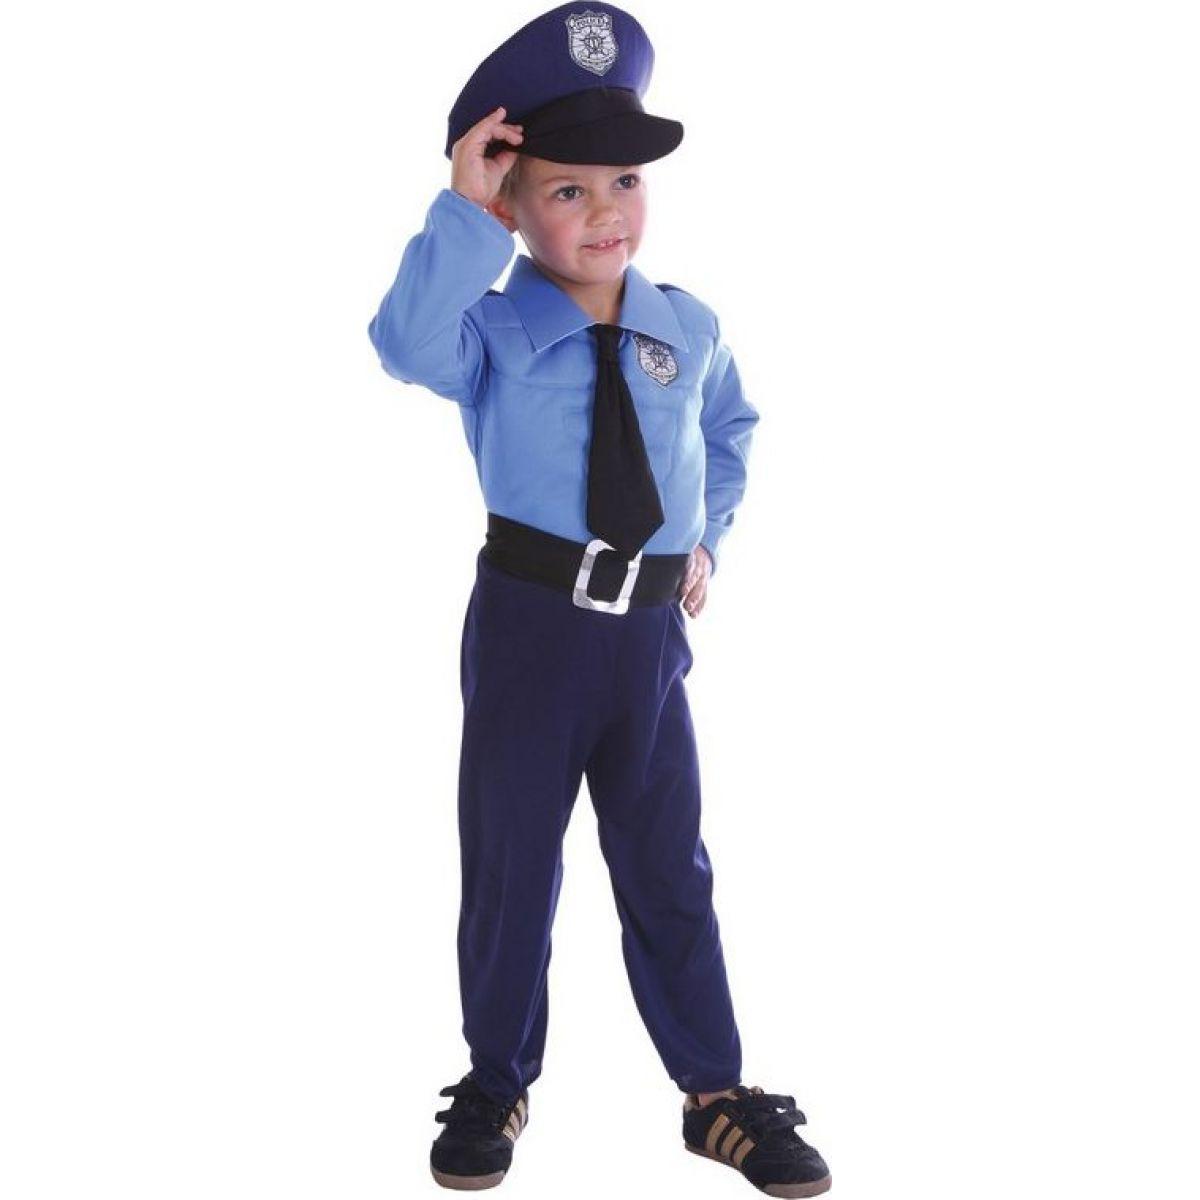 Made Dětský karnevalový kostým Policista 92-104 cm MaDe